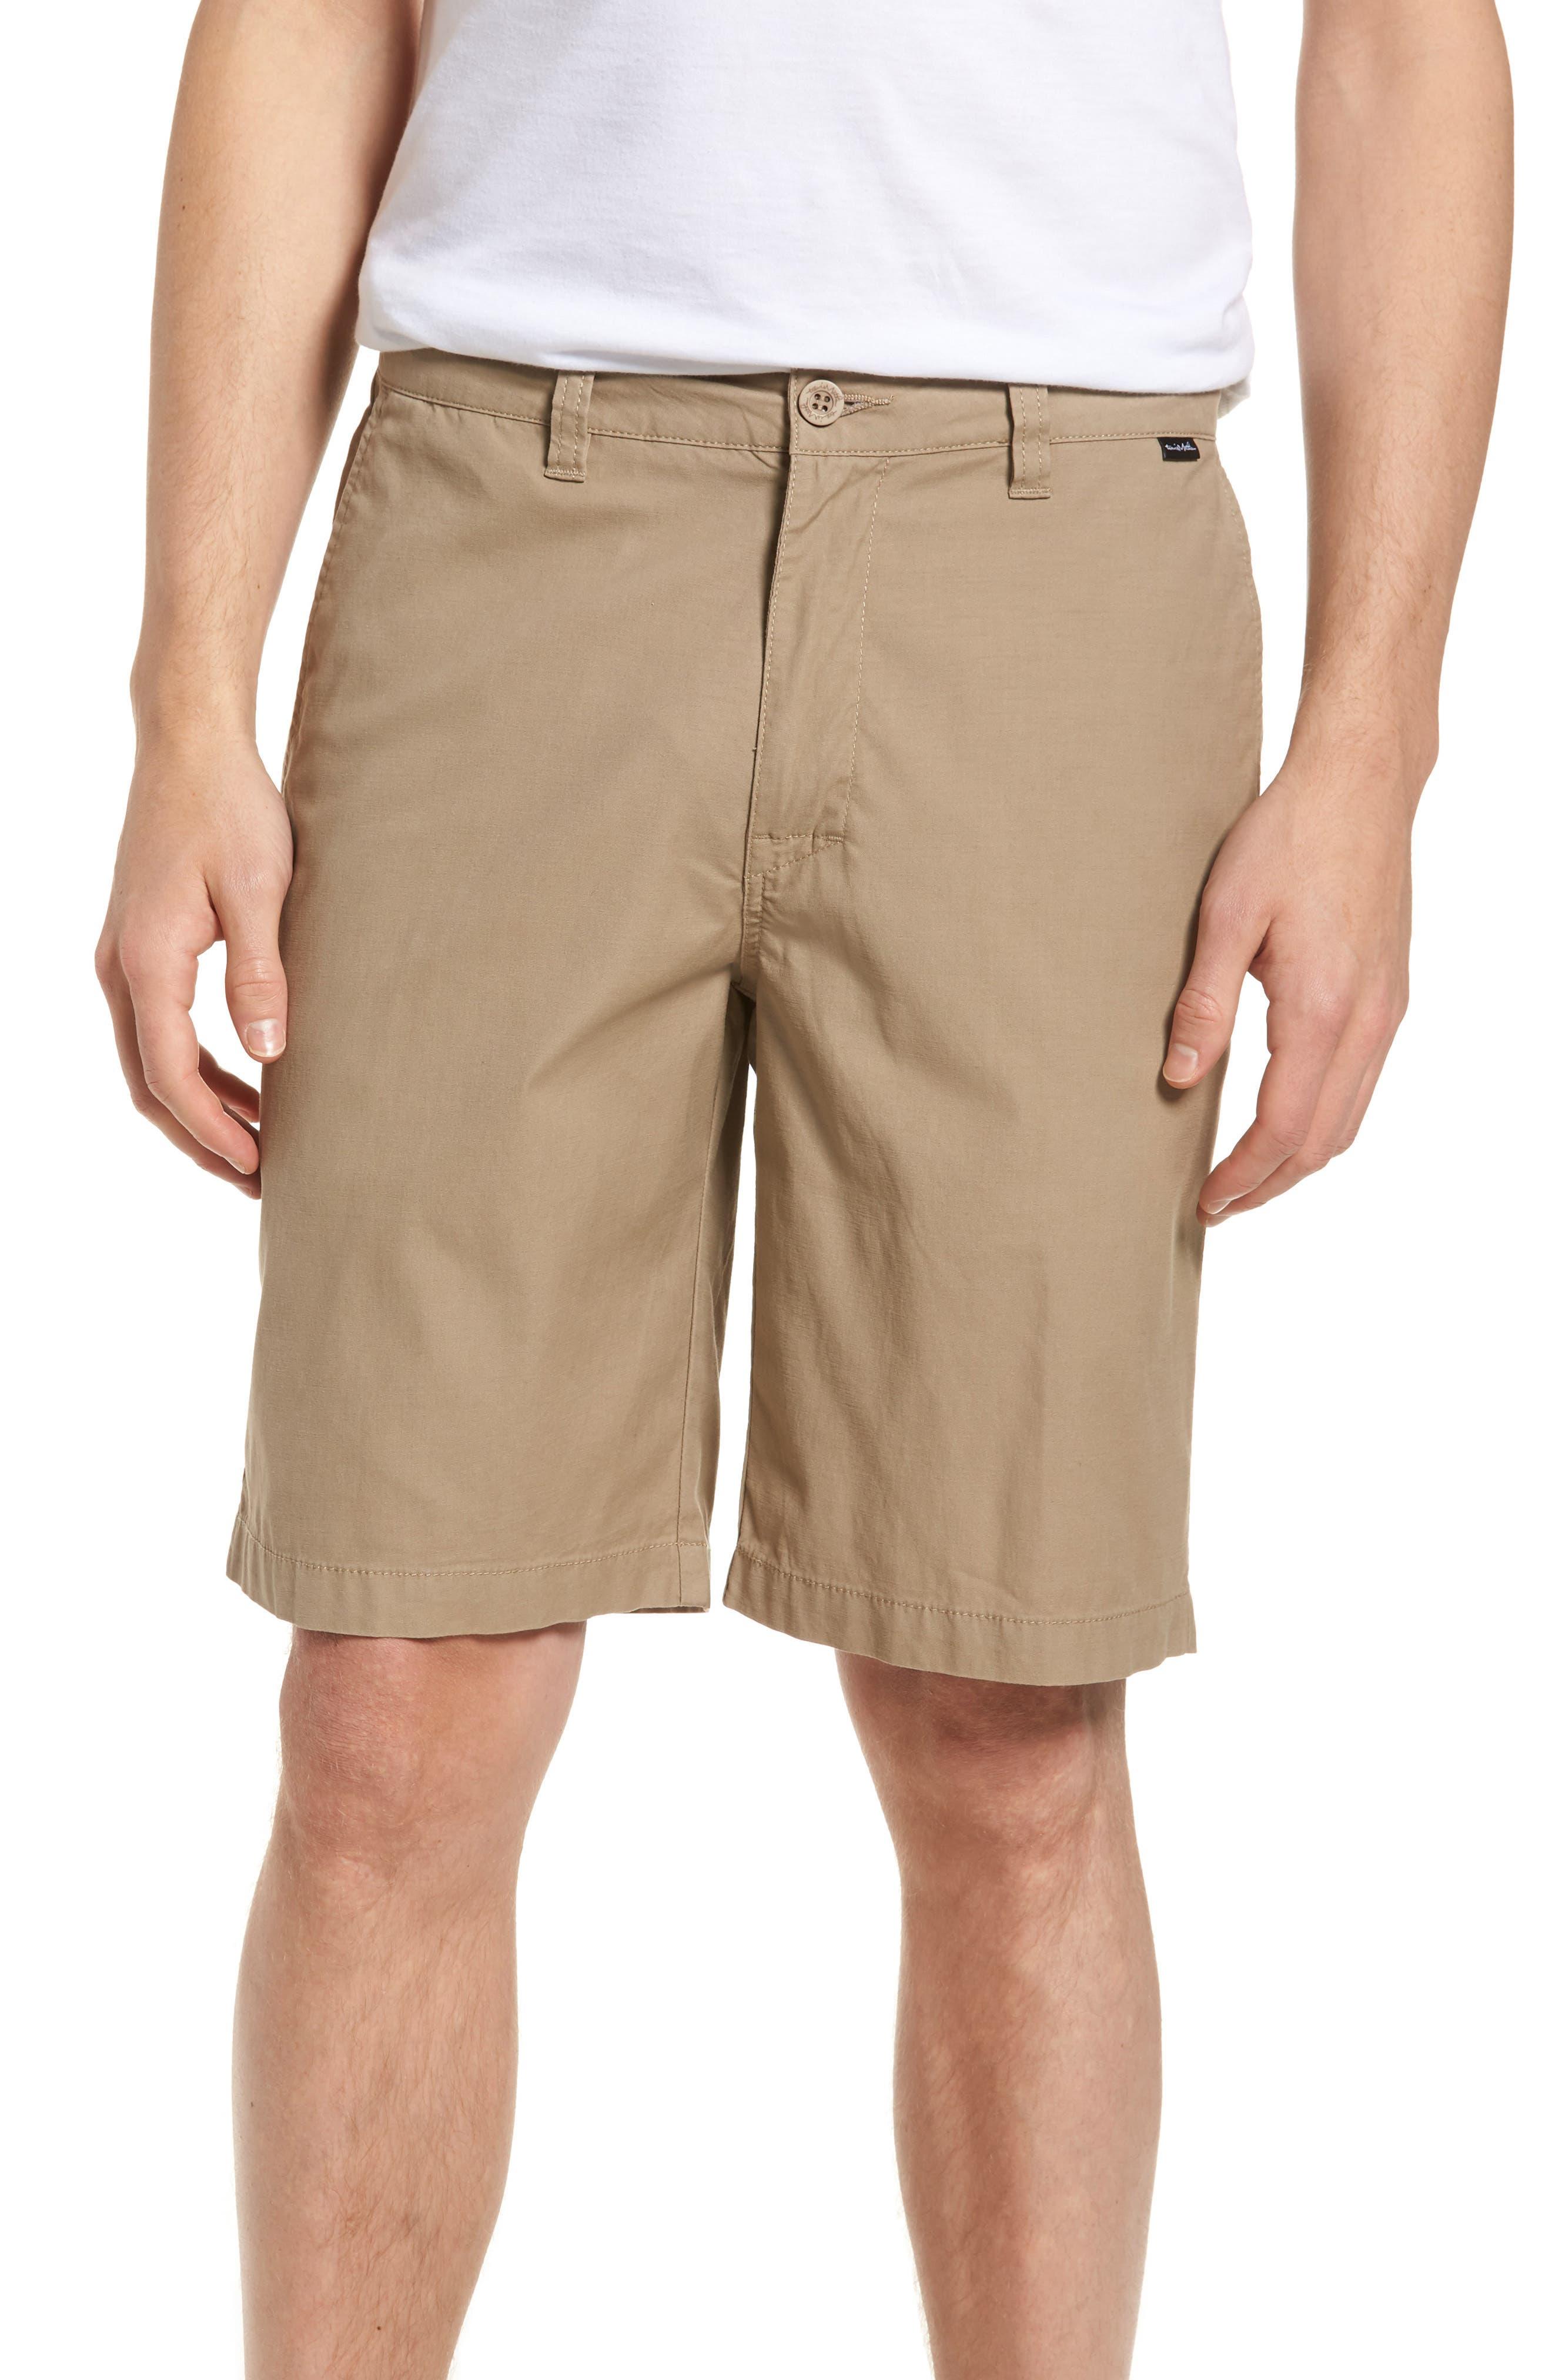 Huntington Shorts,                             Main thumbnail 1, color,                             Khaki